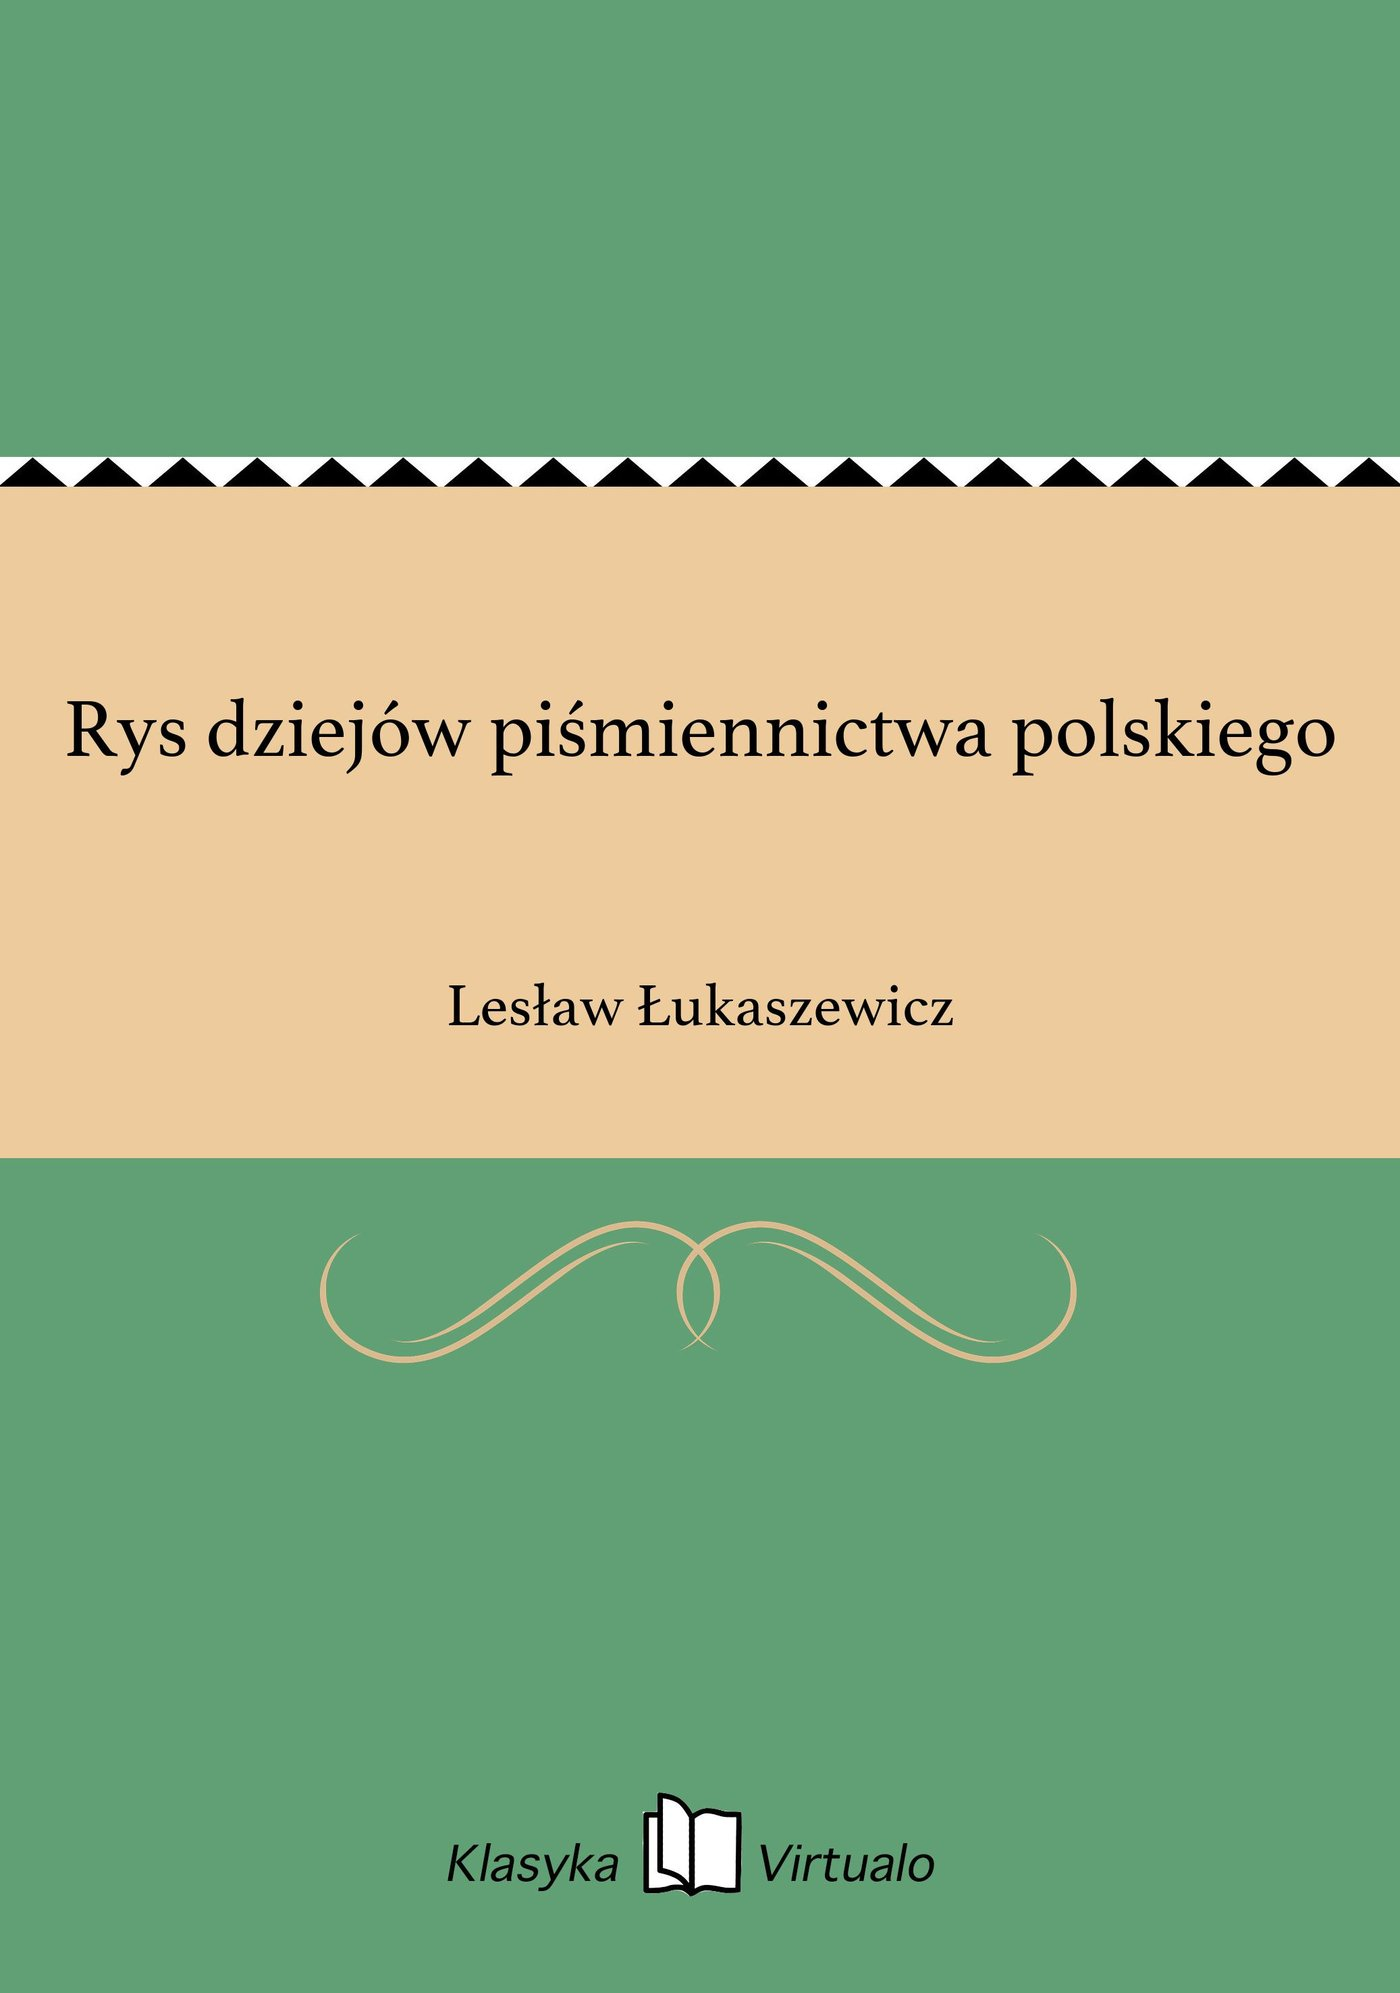 Rys dziejów piśmiennictwa polskiego - Ebook (Książka EPUB) do pobrania w formacie EPUB